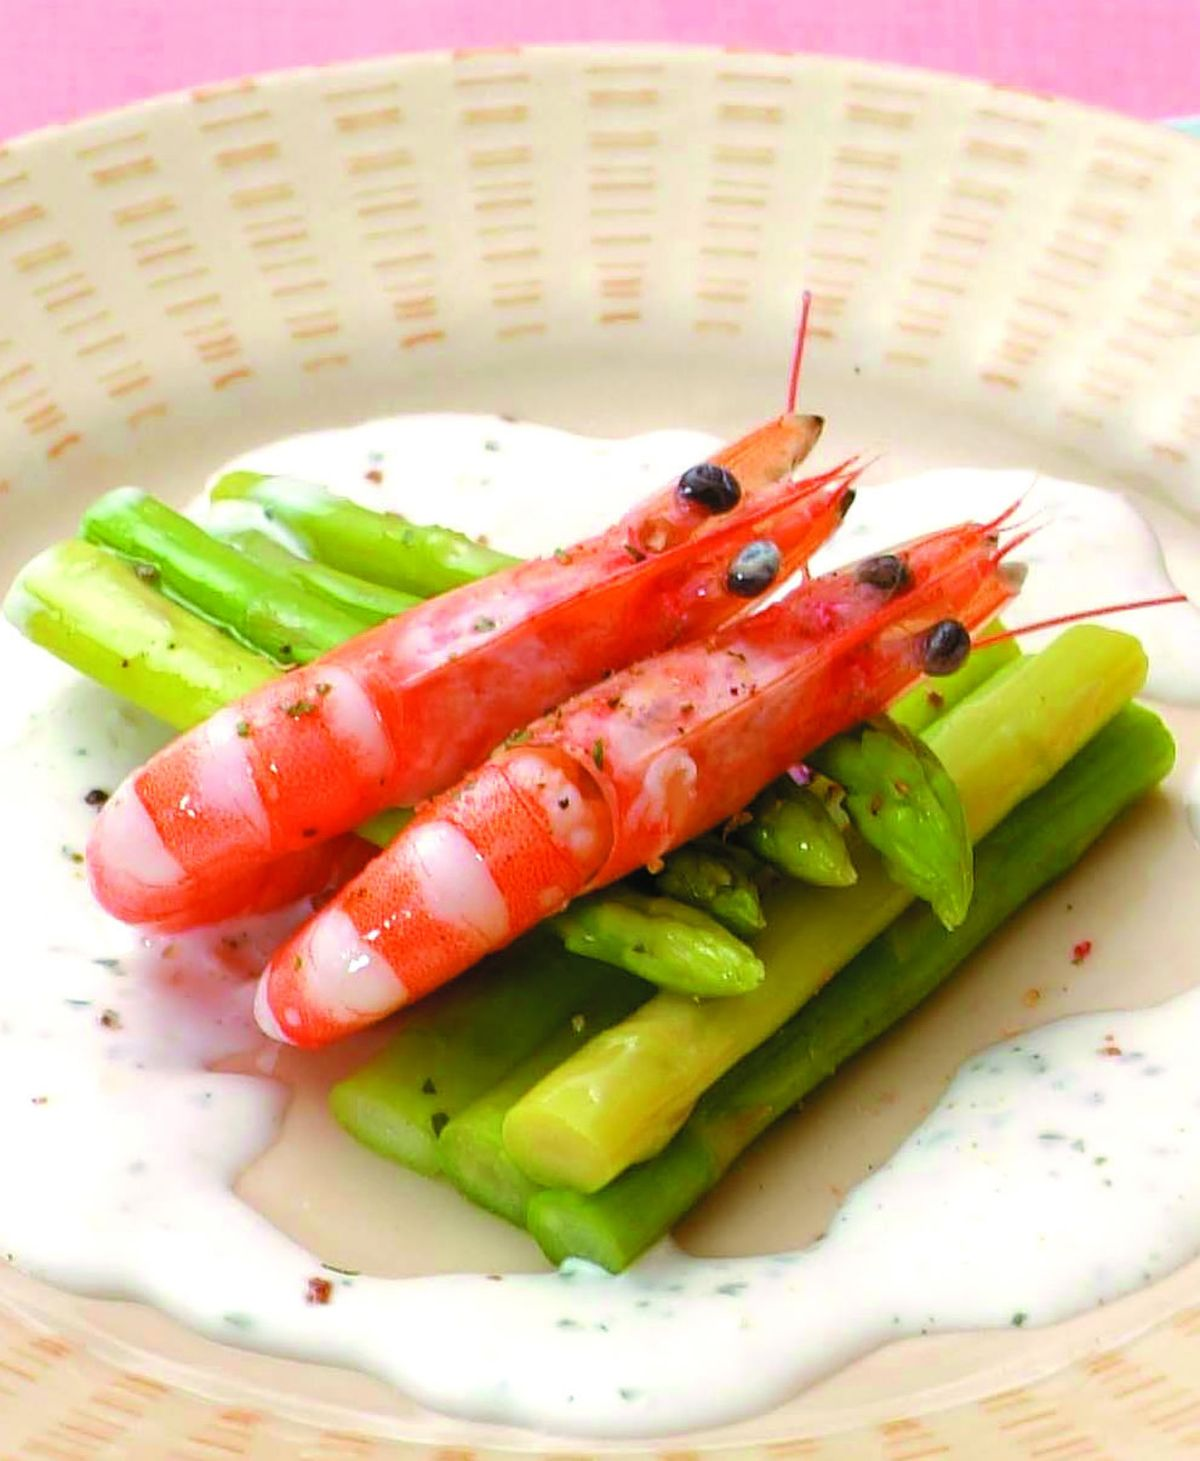 食譜:蒜味鮮蝦沙拉拌蘆筍